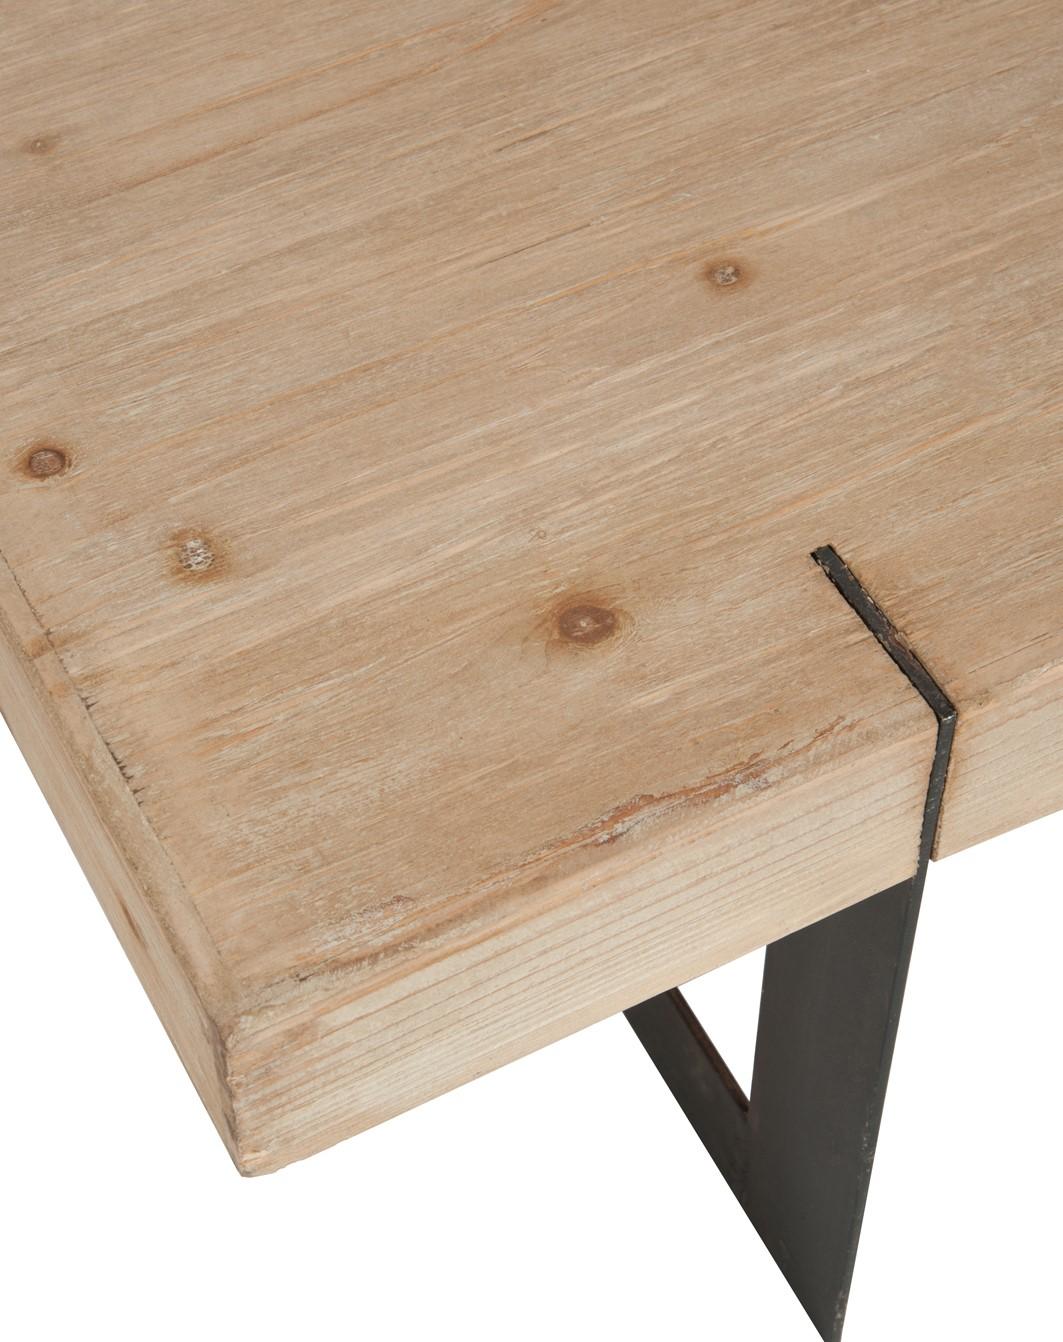 Table Basse En Bois Brut.Table Basse Rectangle En Bois Brut Et Pieds Metal Noir 150x80x35cm